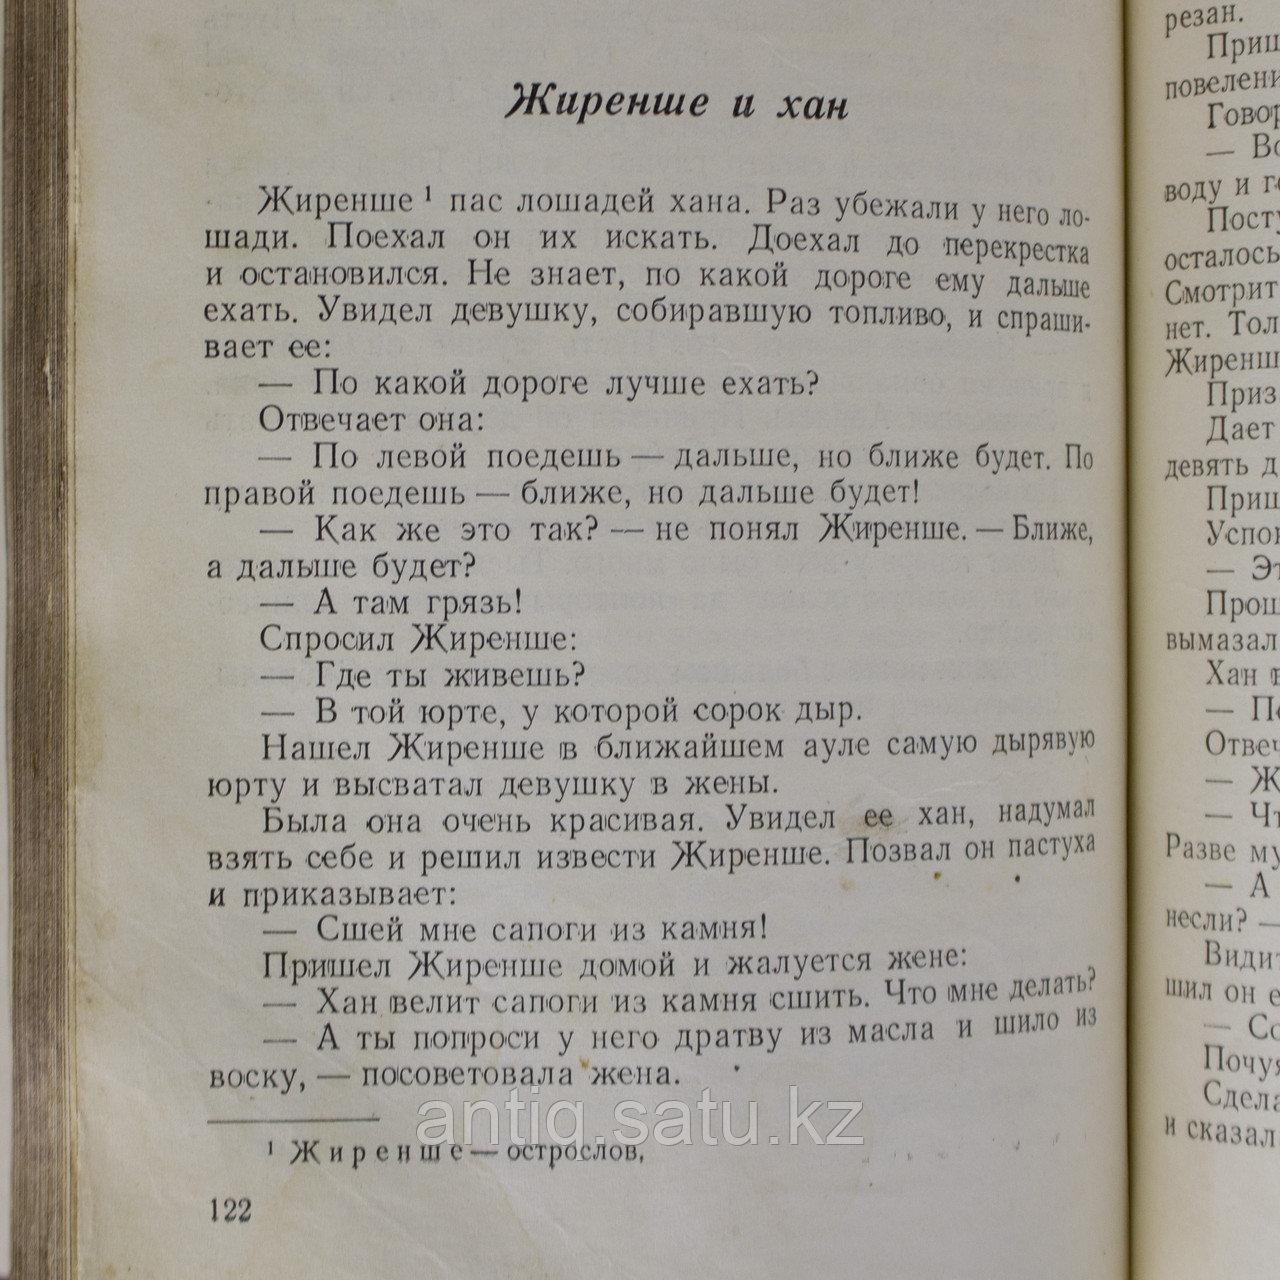 Казахские народные сказки. Перевод под редакцией М. Ауэзова и Н. Анова. Москва 1952 год - фото 5